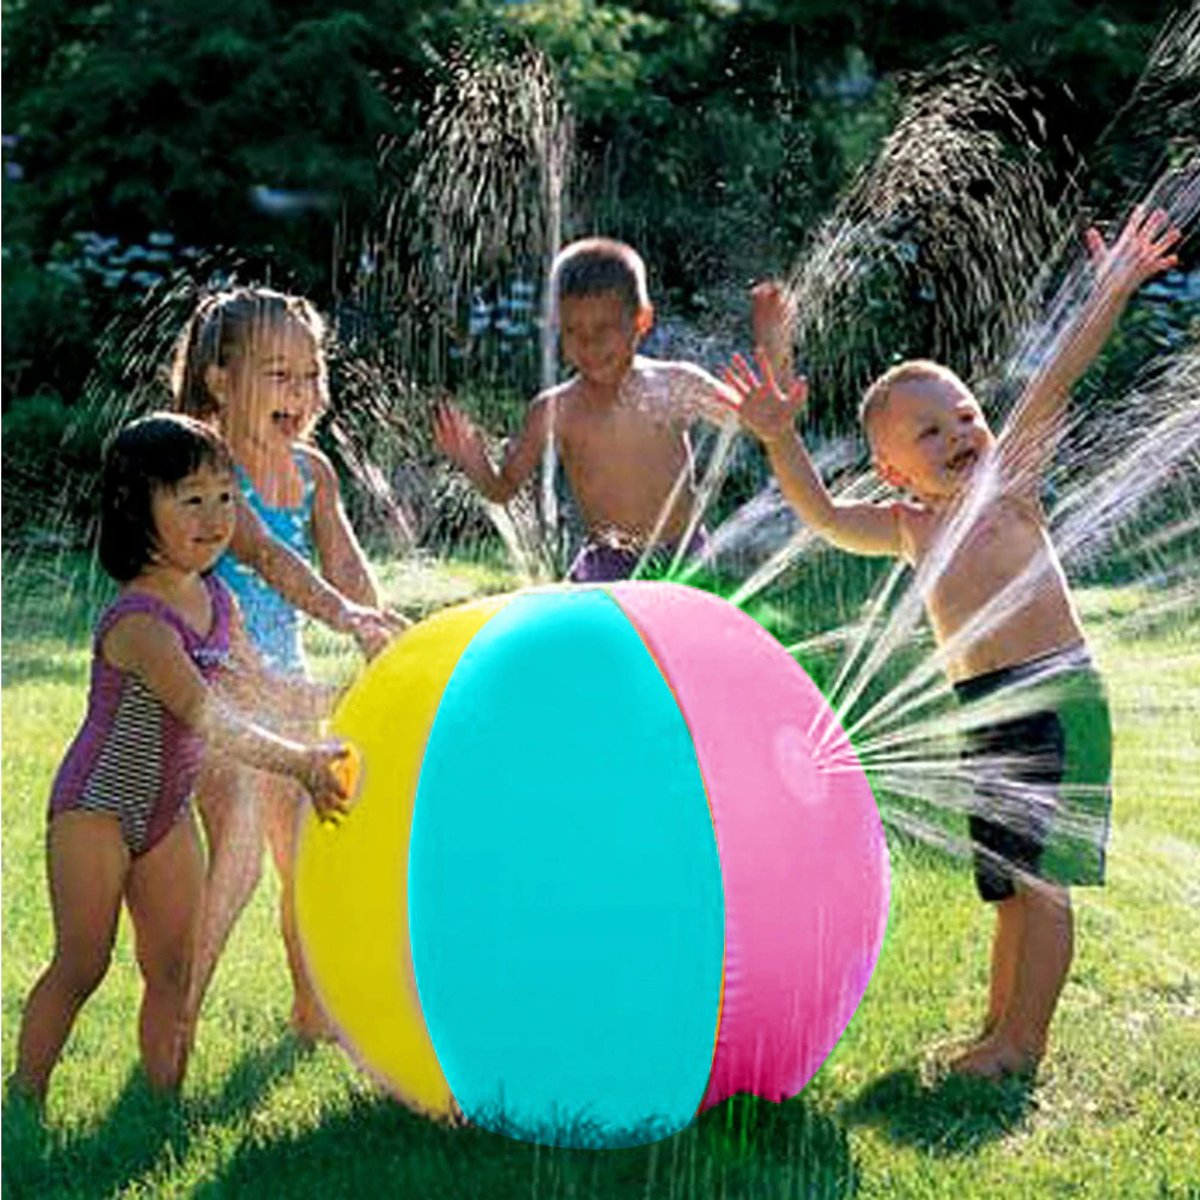 Bal groot , 75cm !!!,  waterbal, opblaasbaar, speelgoedbal, strandbal, outdoor, spel